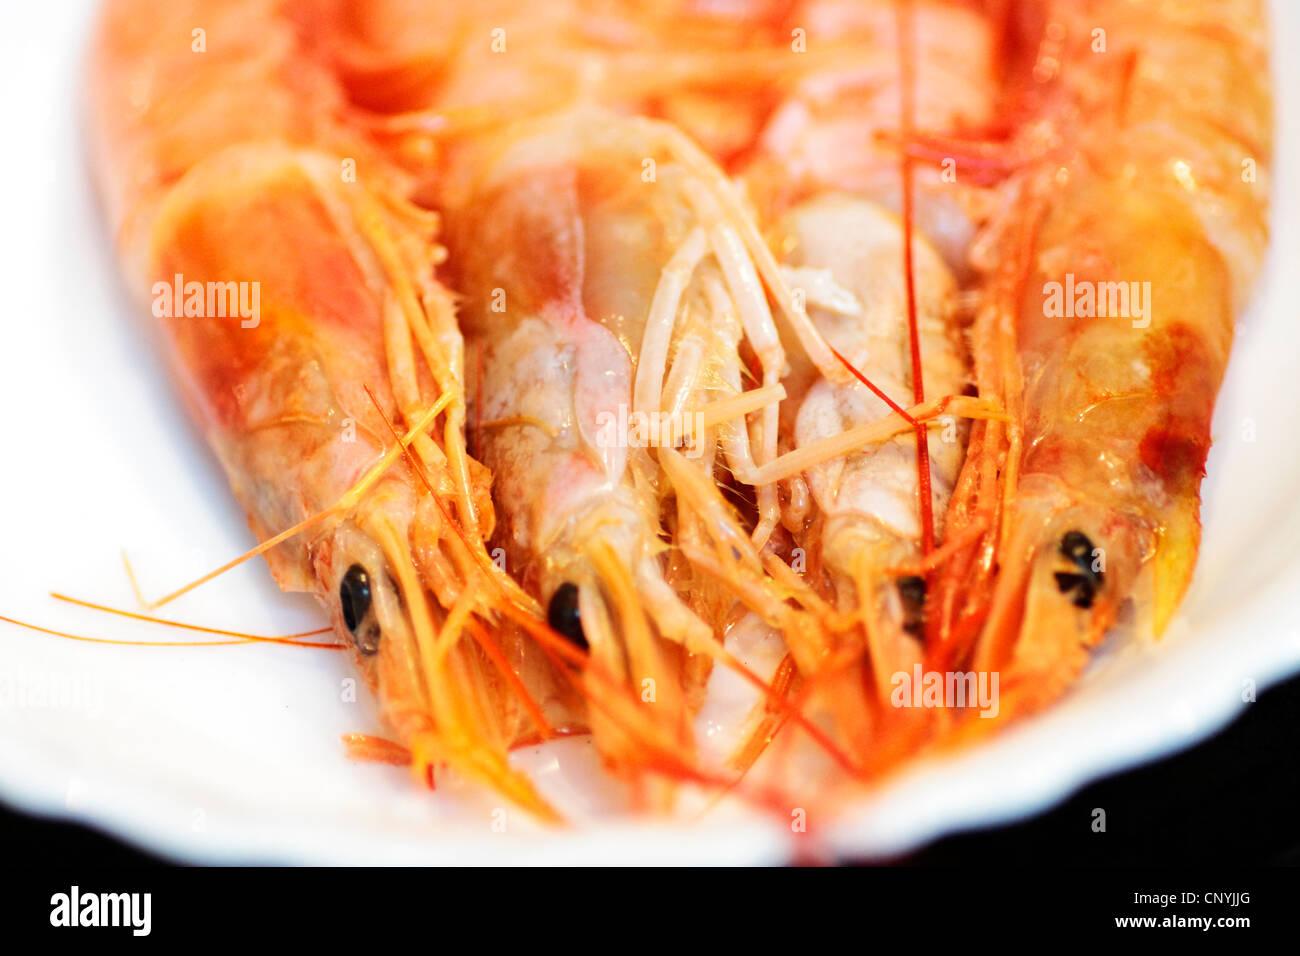 Mariscos, Comida, langostino, crustáceo, snack, cocina, naranja, fritos, preparados, ingrediente, placa, gourmet, delicioso, barbacoa, barbecu Foto de stock